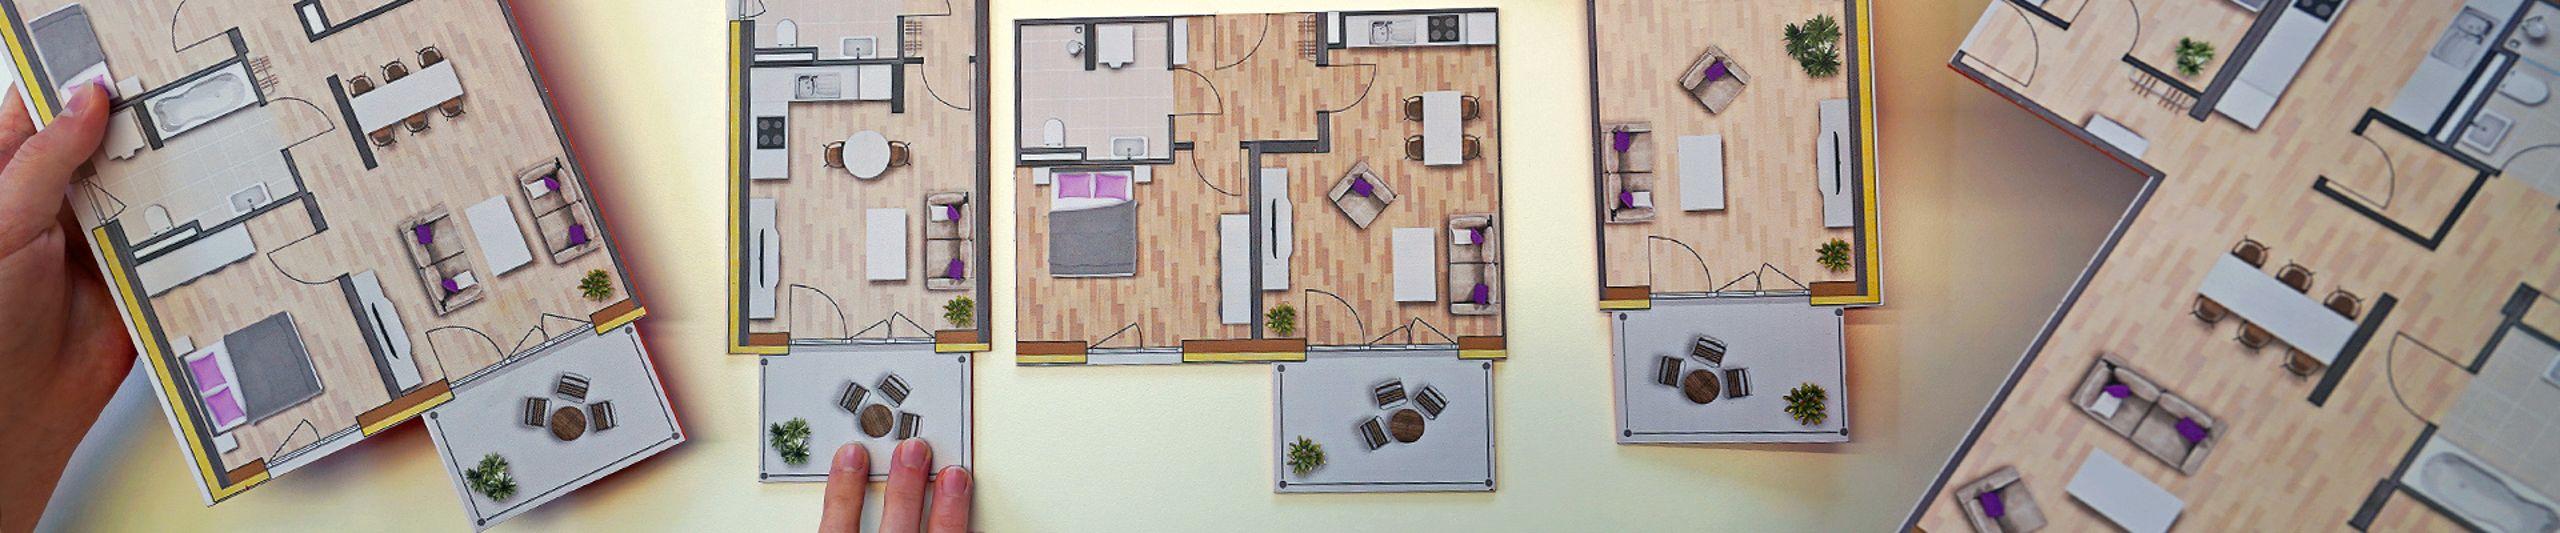 Mit System Gebäude planen und bauen